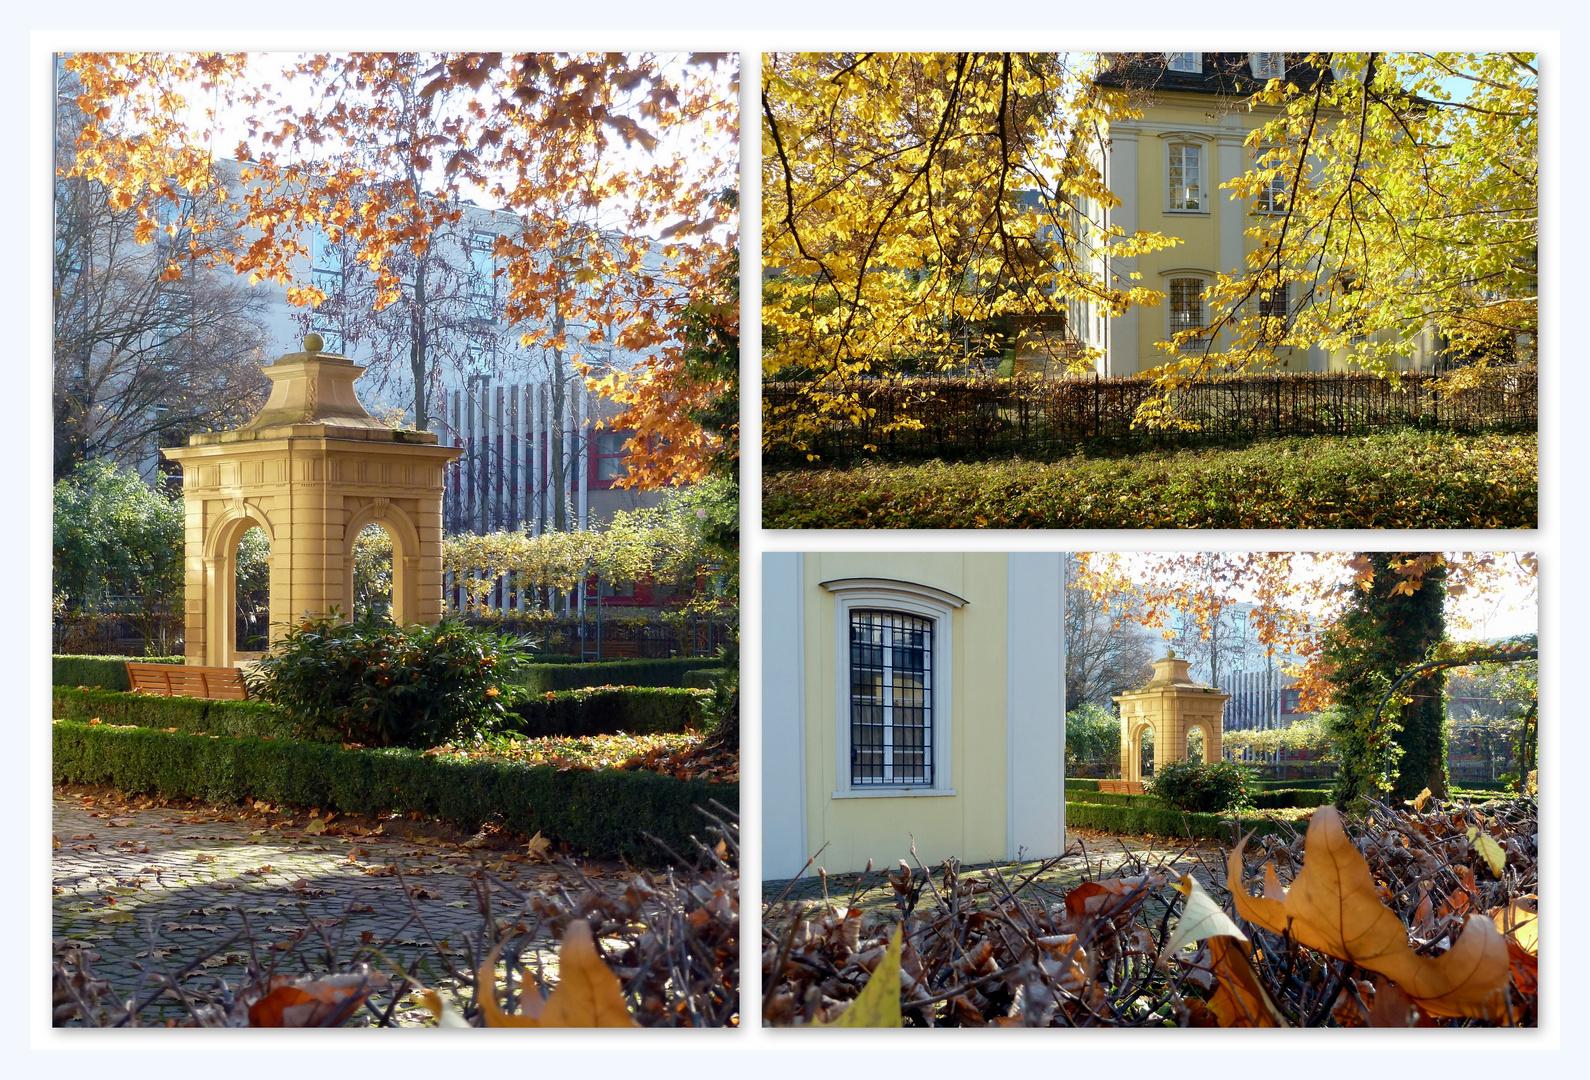 Schießhaus, Heilbronn - versteckte Schönheit